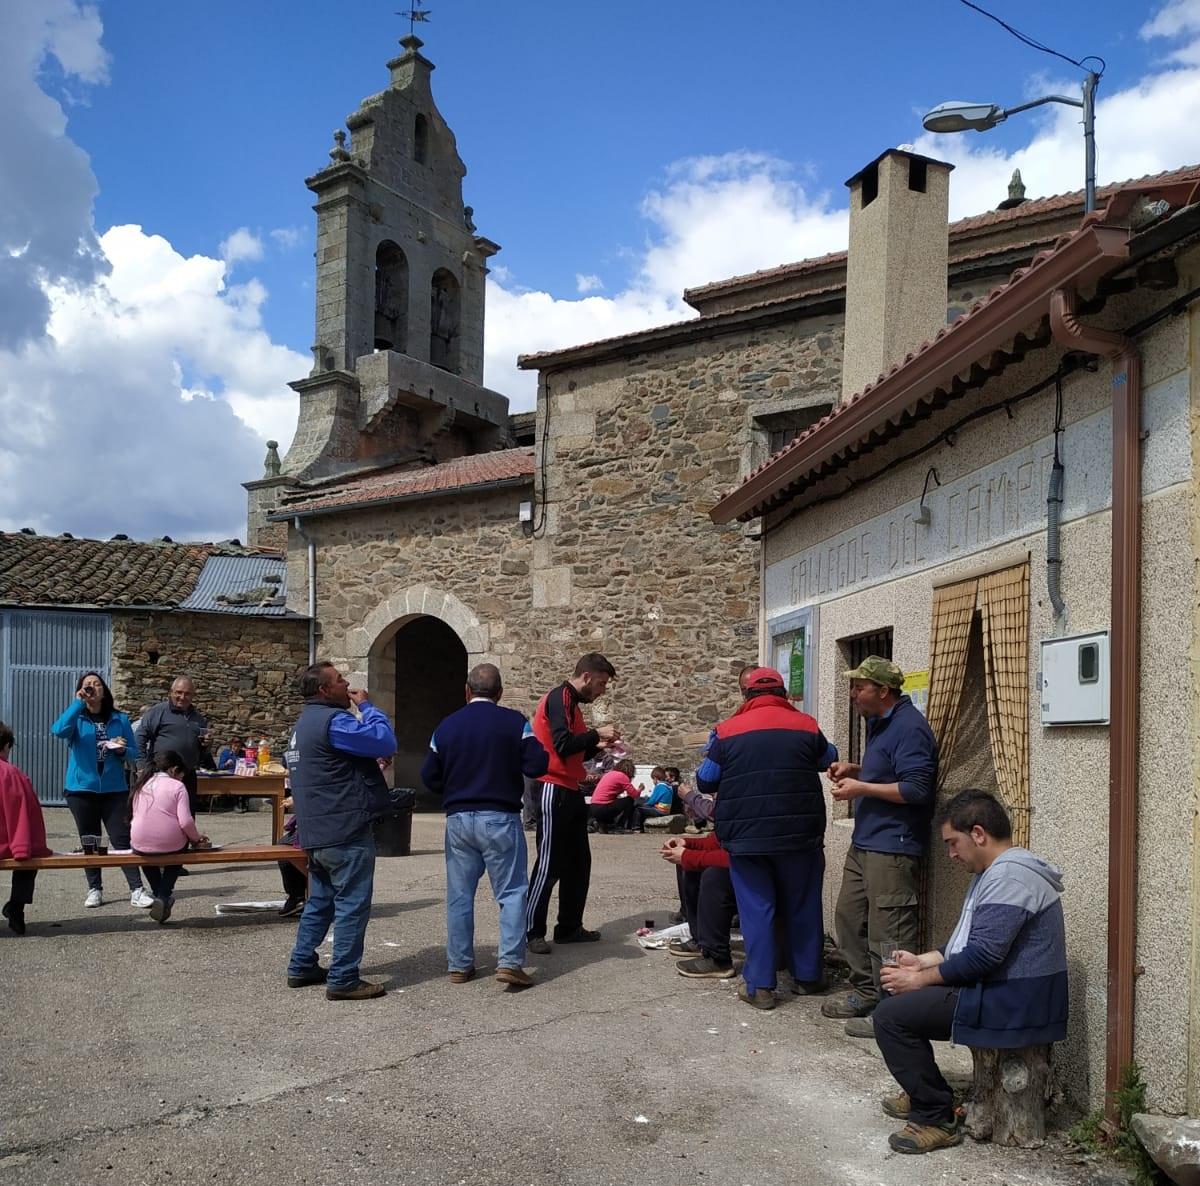 entruejo concejo Las Obreras de Aliste CB Artesanos de la Miel Aliste Gallegos del Campo Artesanos de la Miel